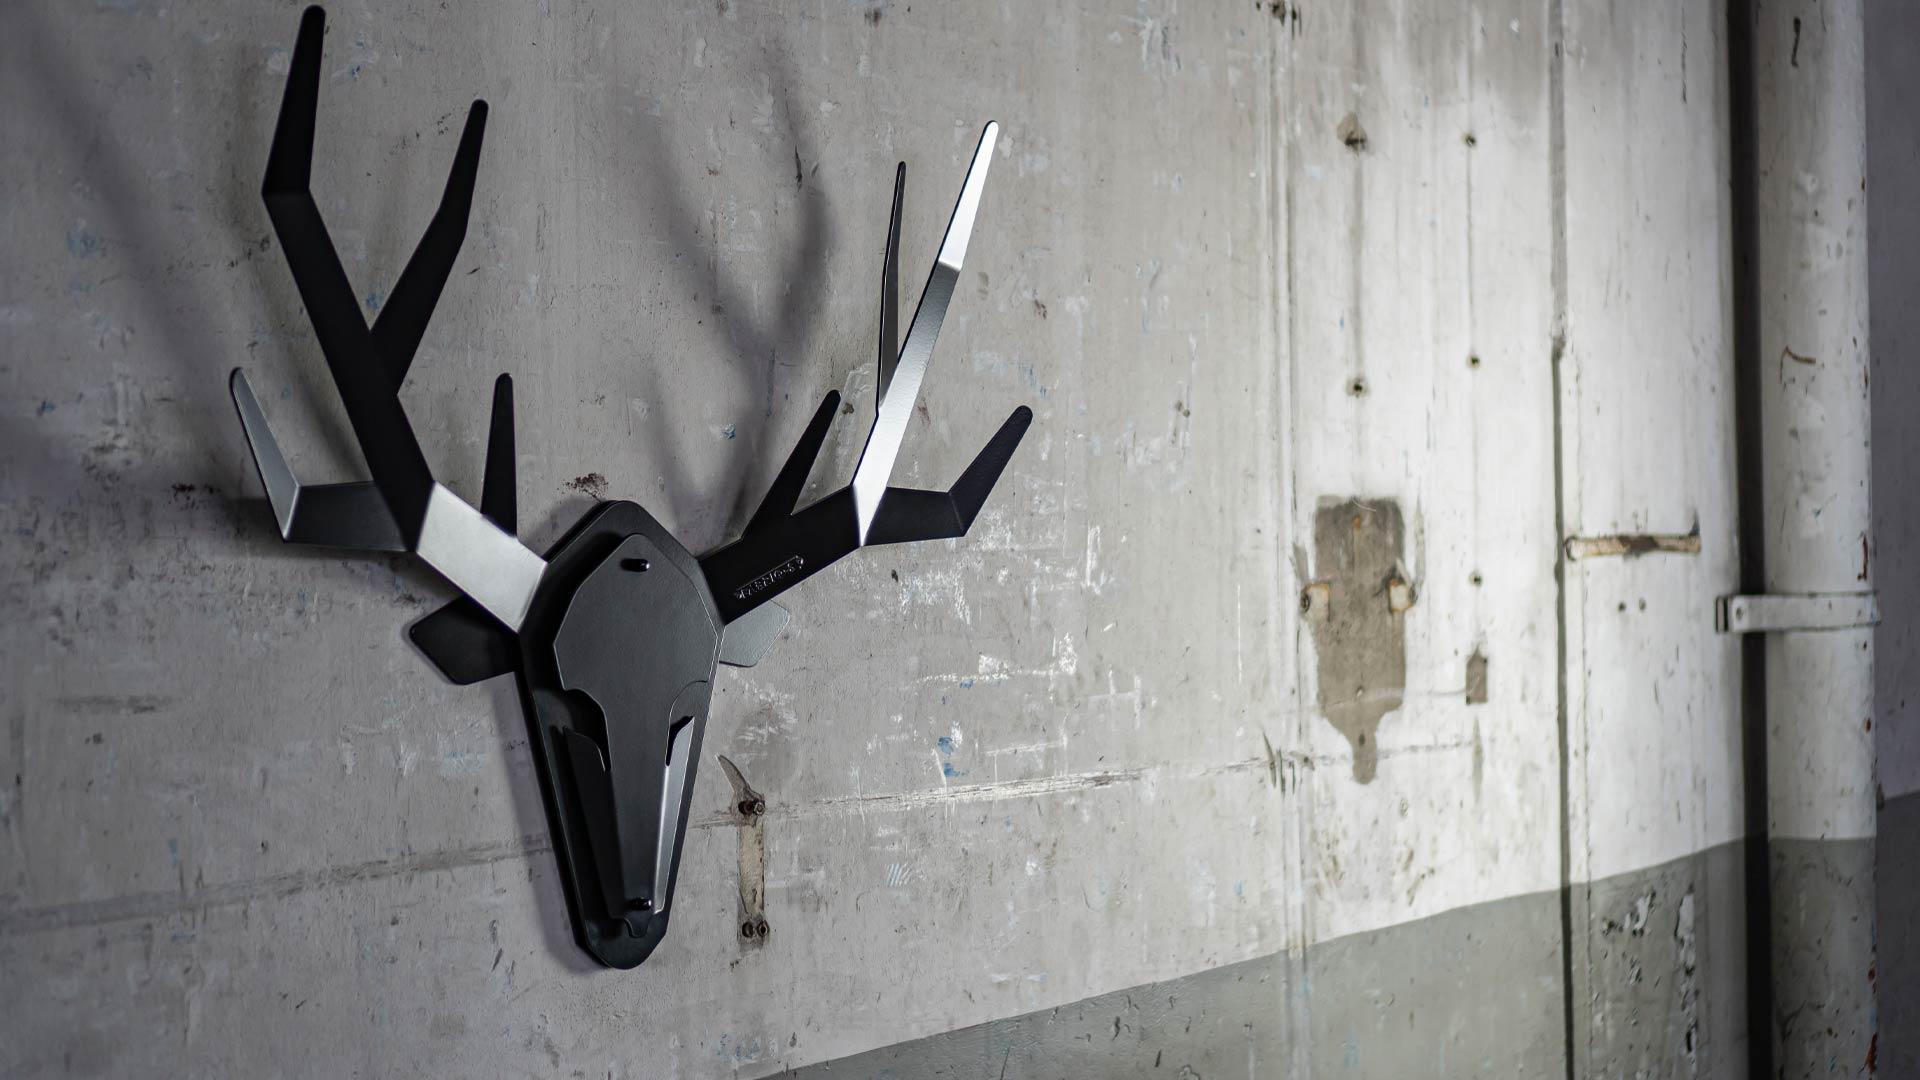 Hertengewei wanddecoratie dierenkop zwart staal - OH DEER - FABRIQ-S - sfeerfoto